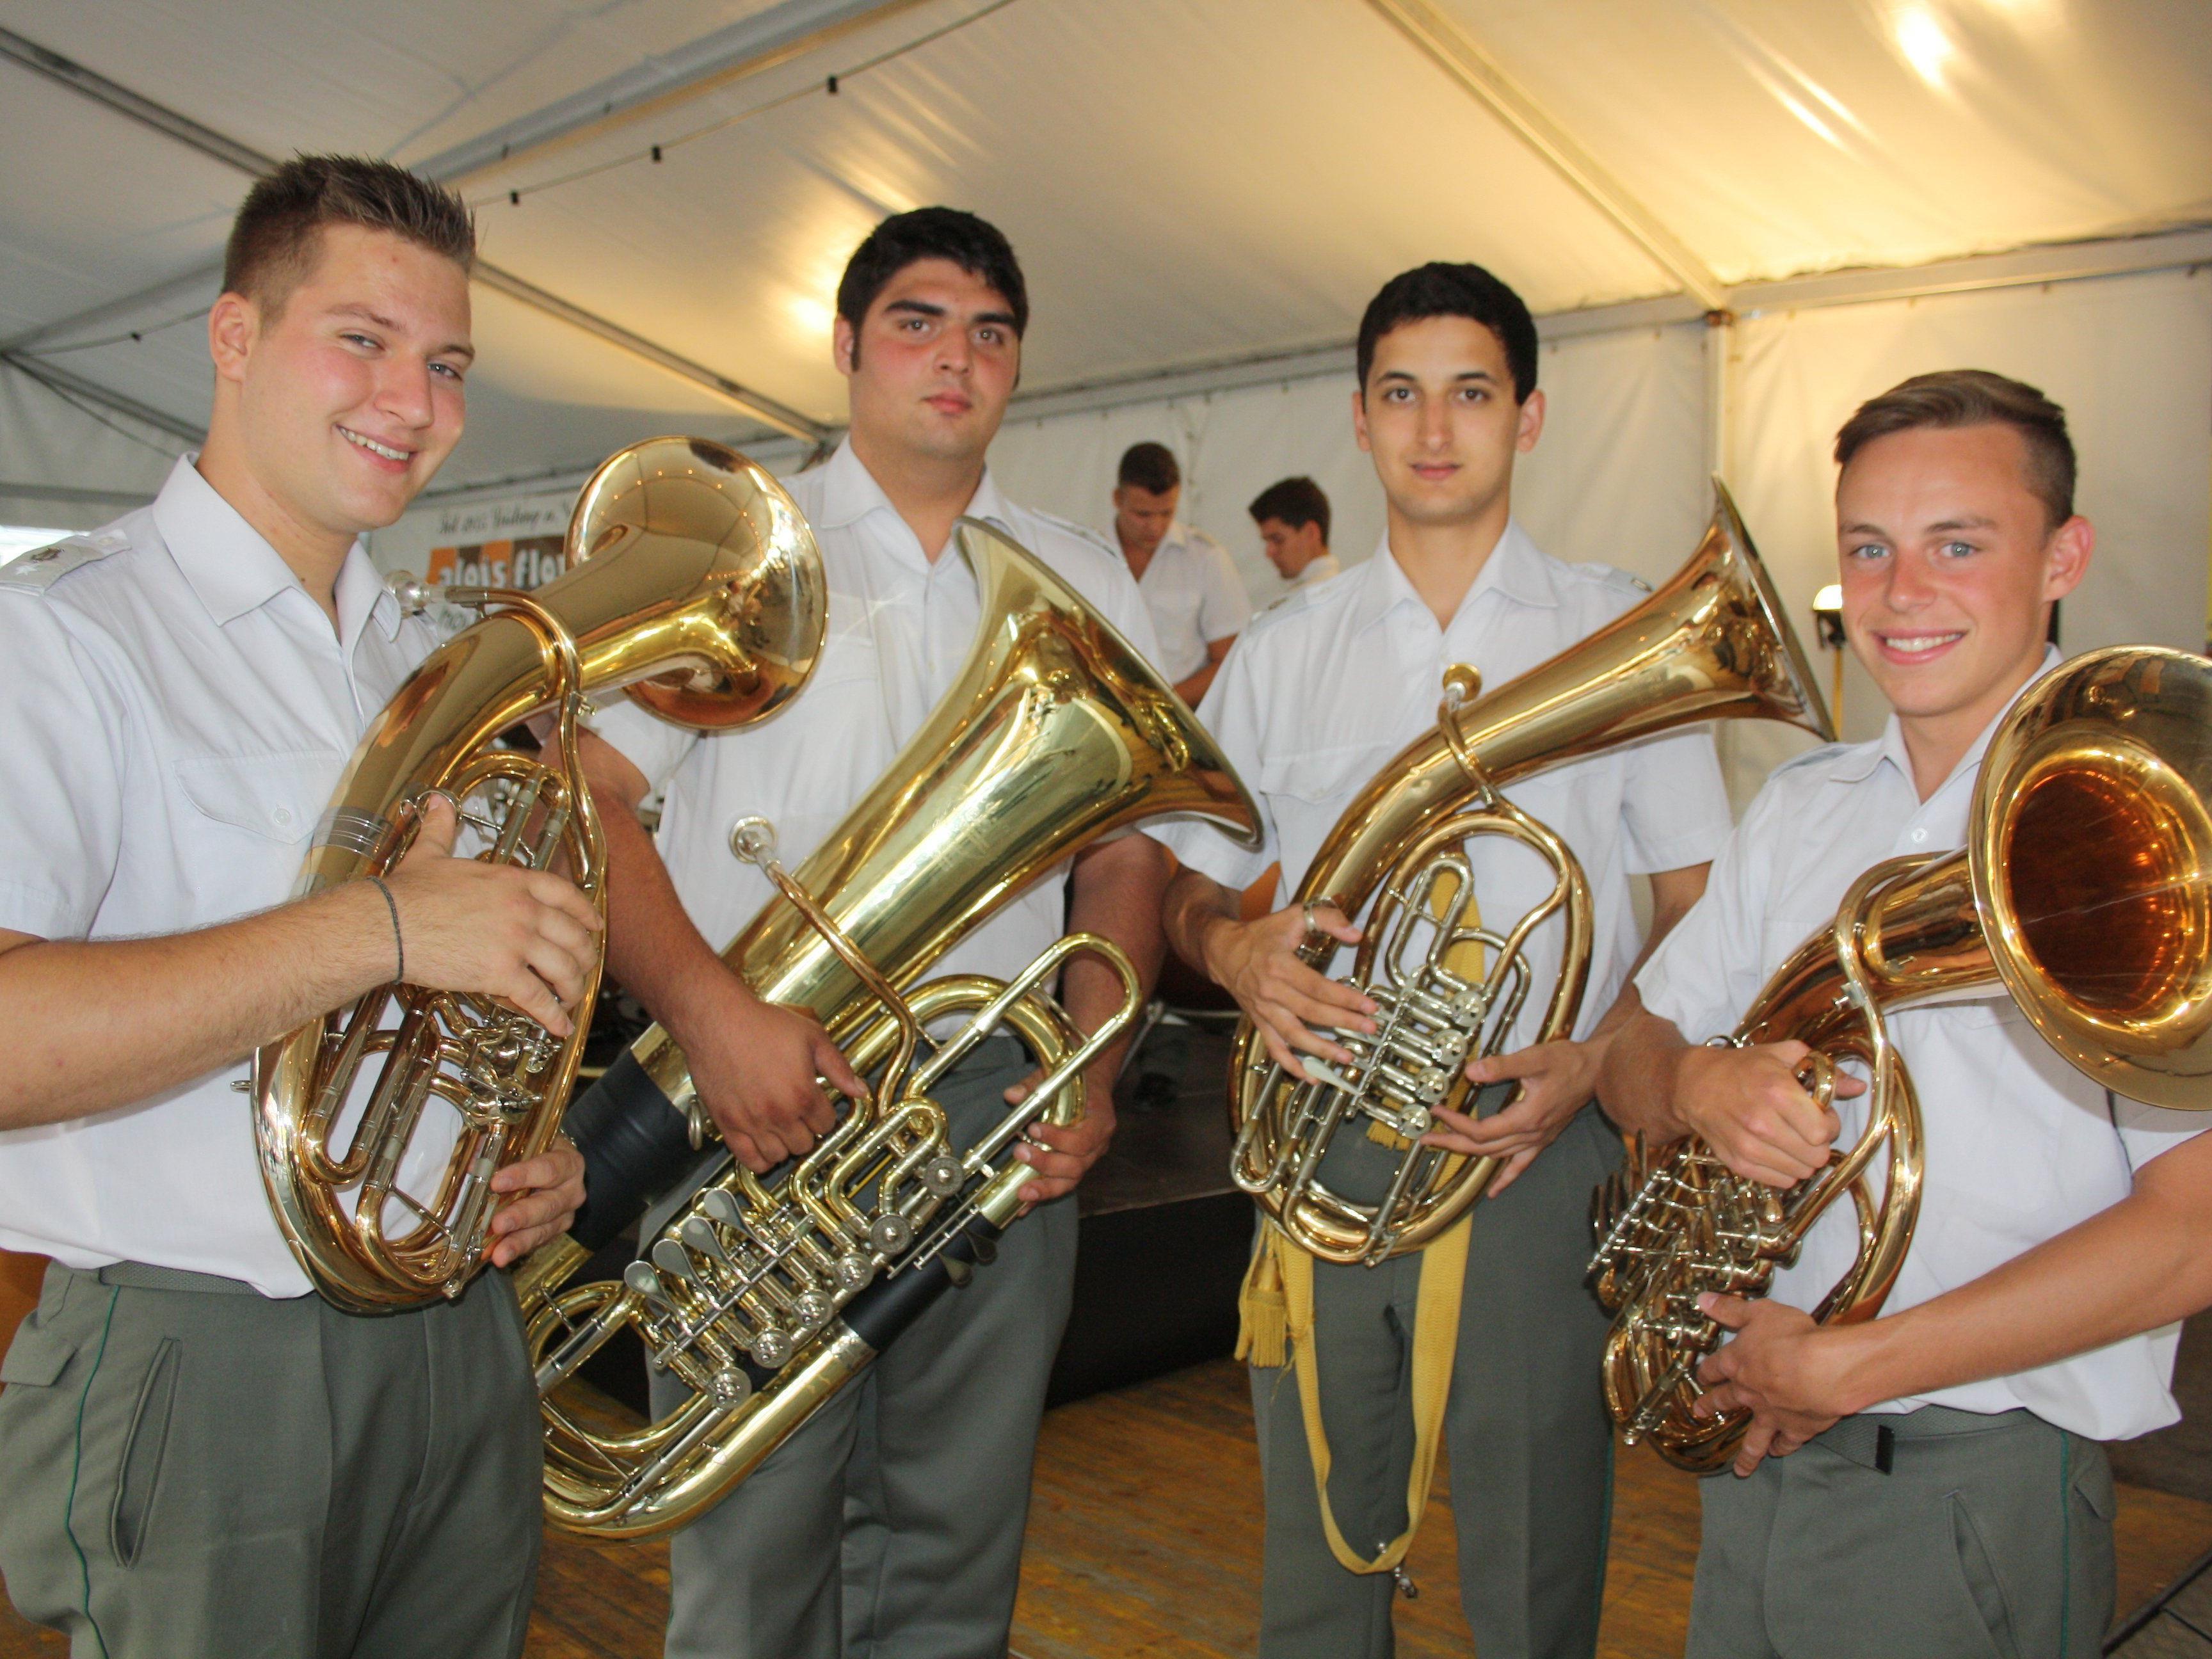 Blasmusik vom Feinsten mit der Militärmusikkapelle Vorarlberg beim Sommerkonzert 2015 im Lochauer Schulhof.